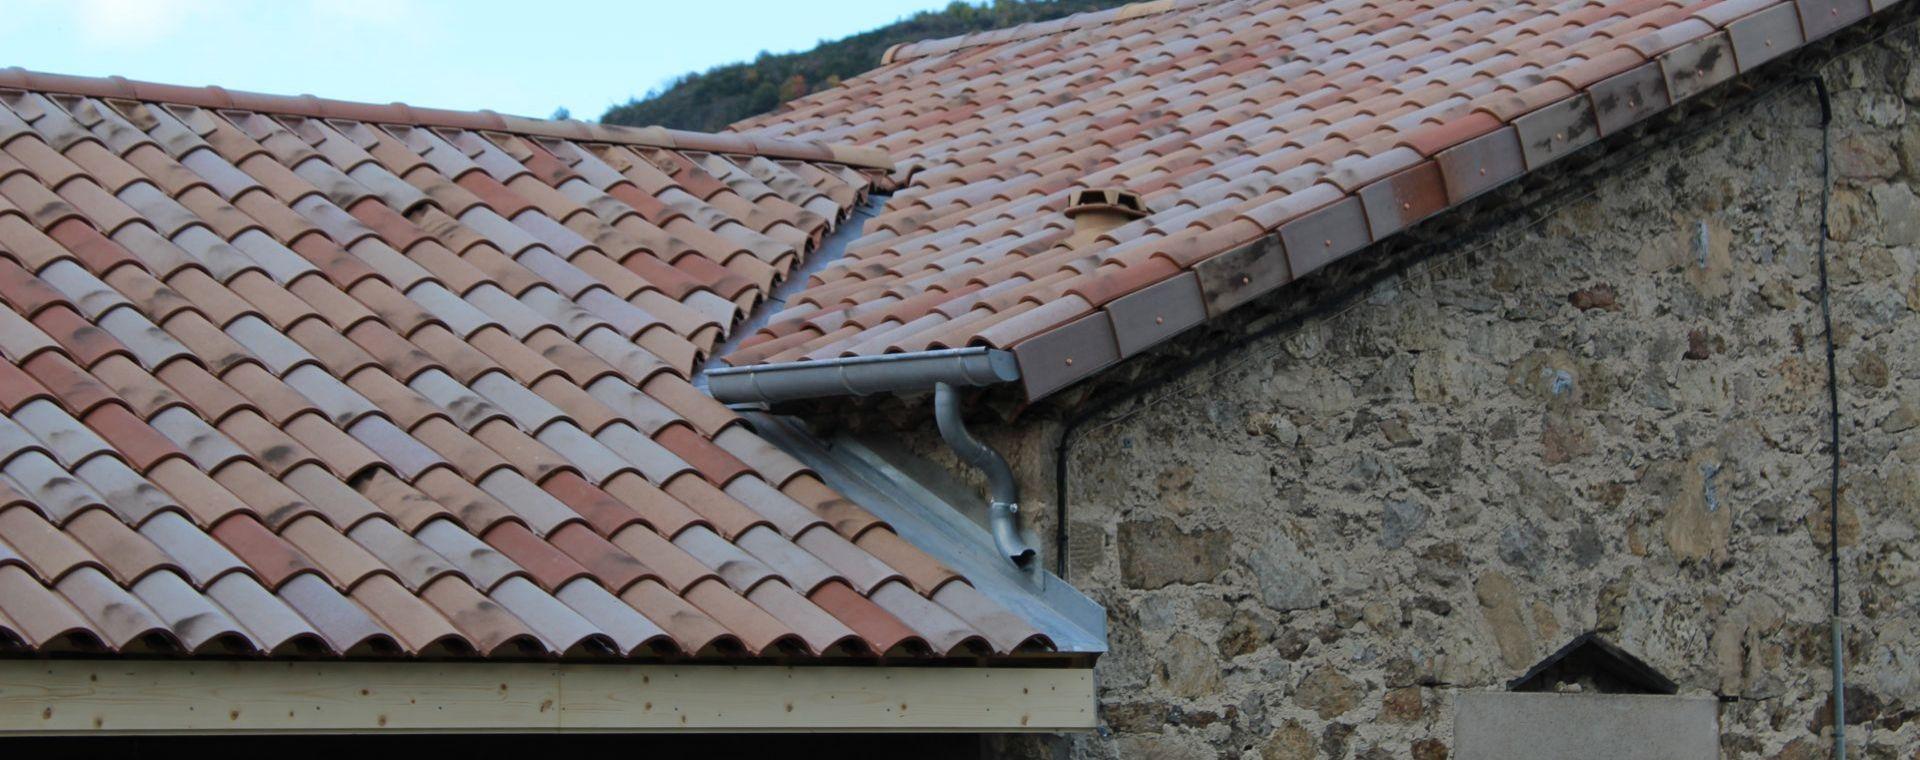 Zinguerie for Prix pour rehausser une toiture